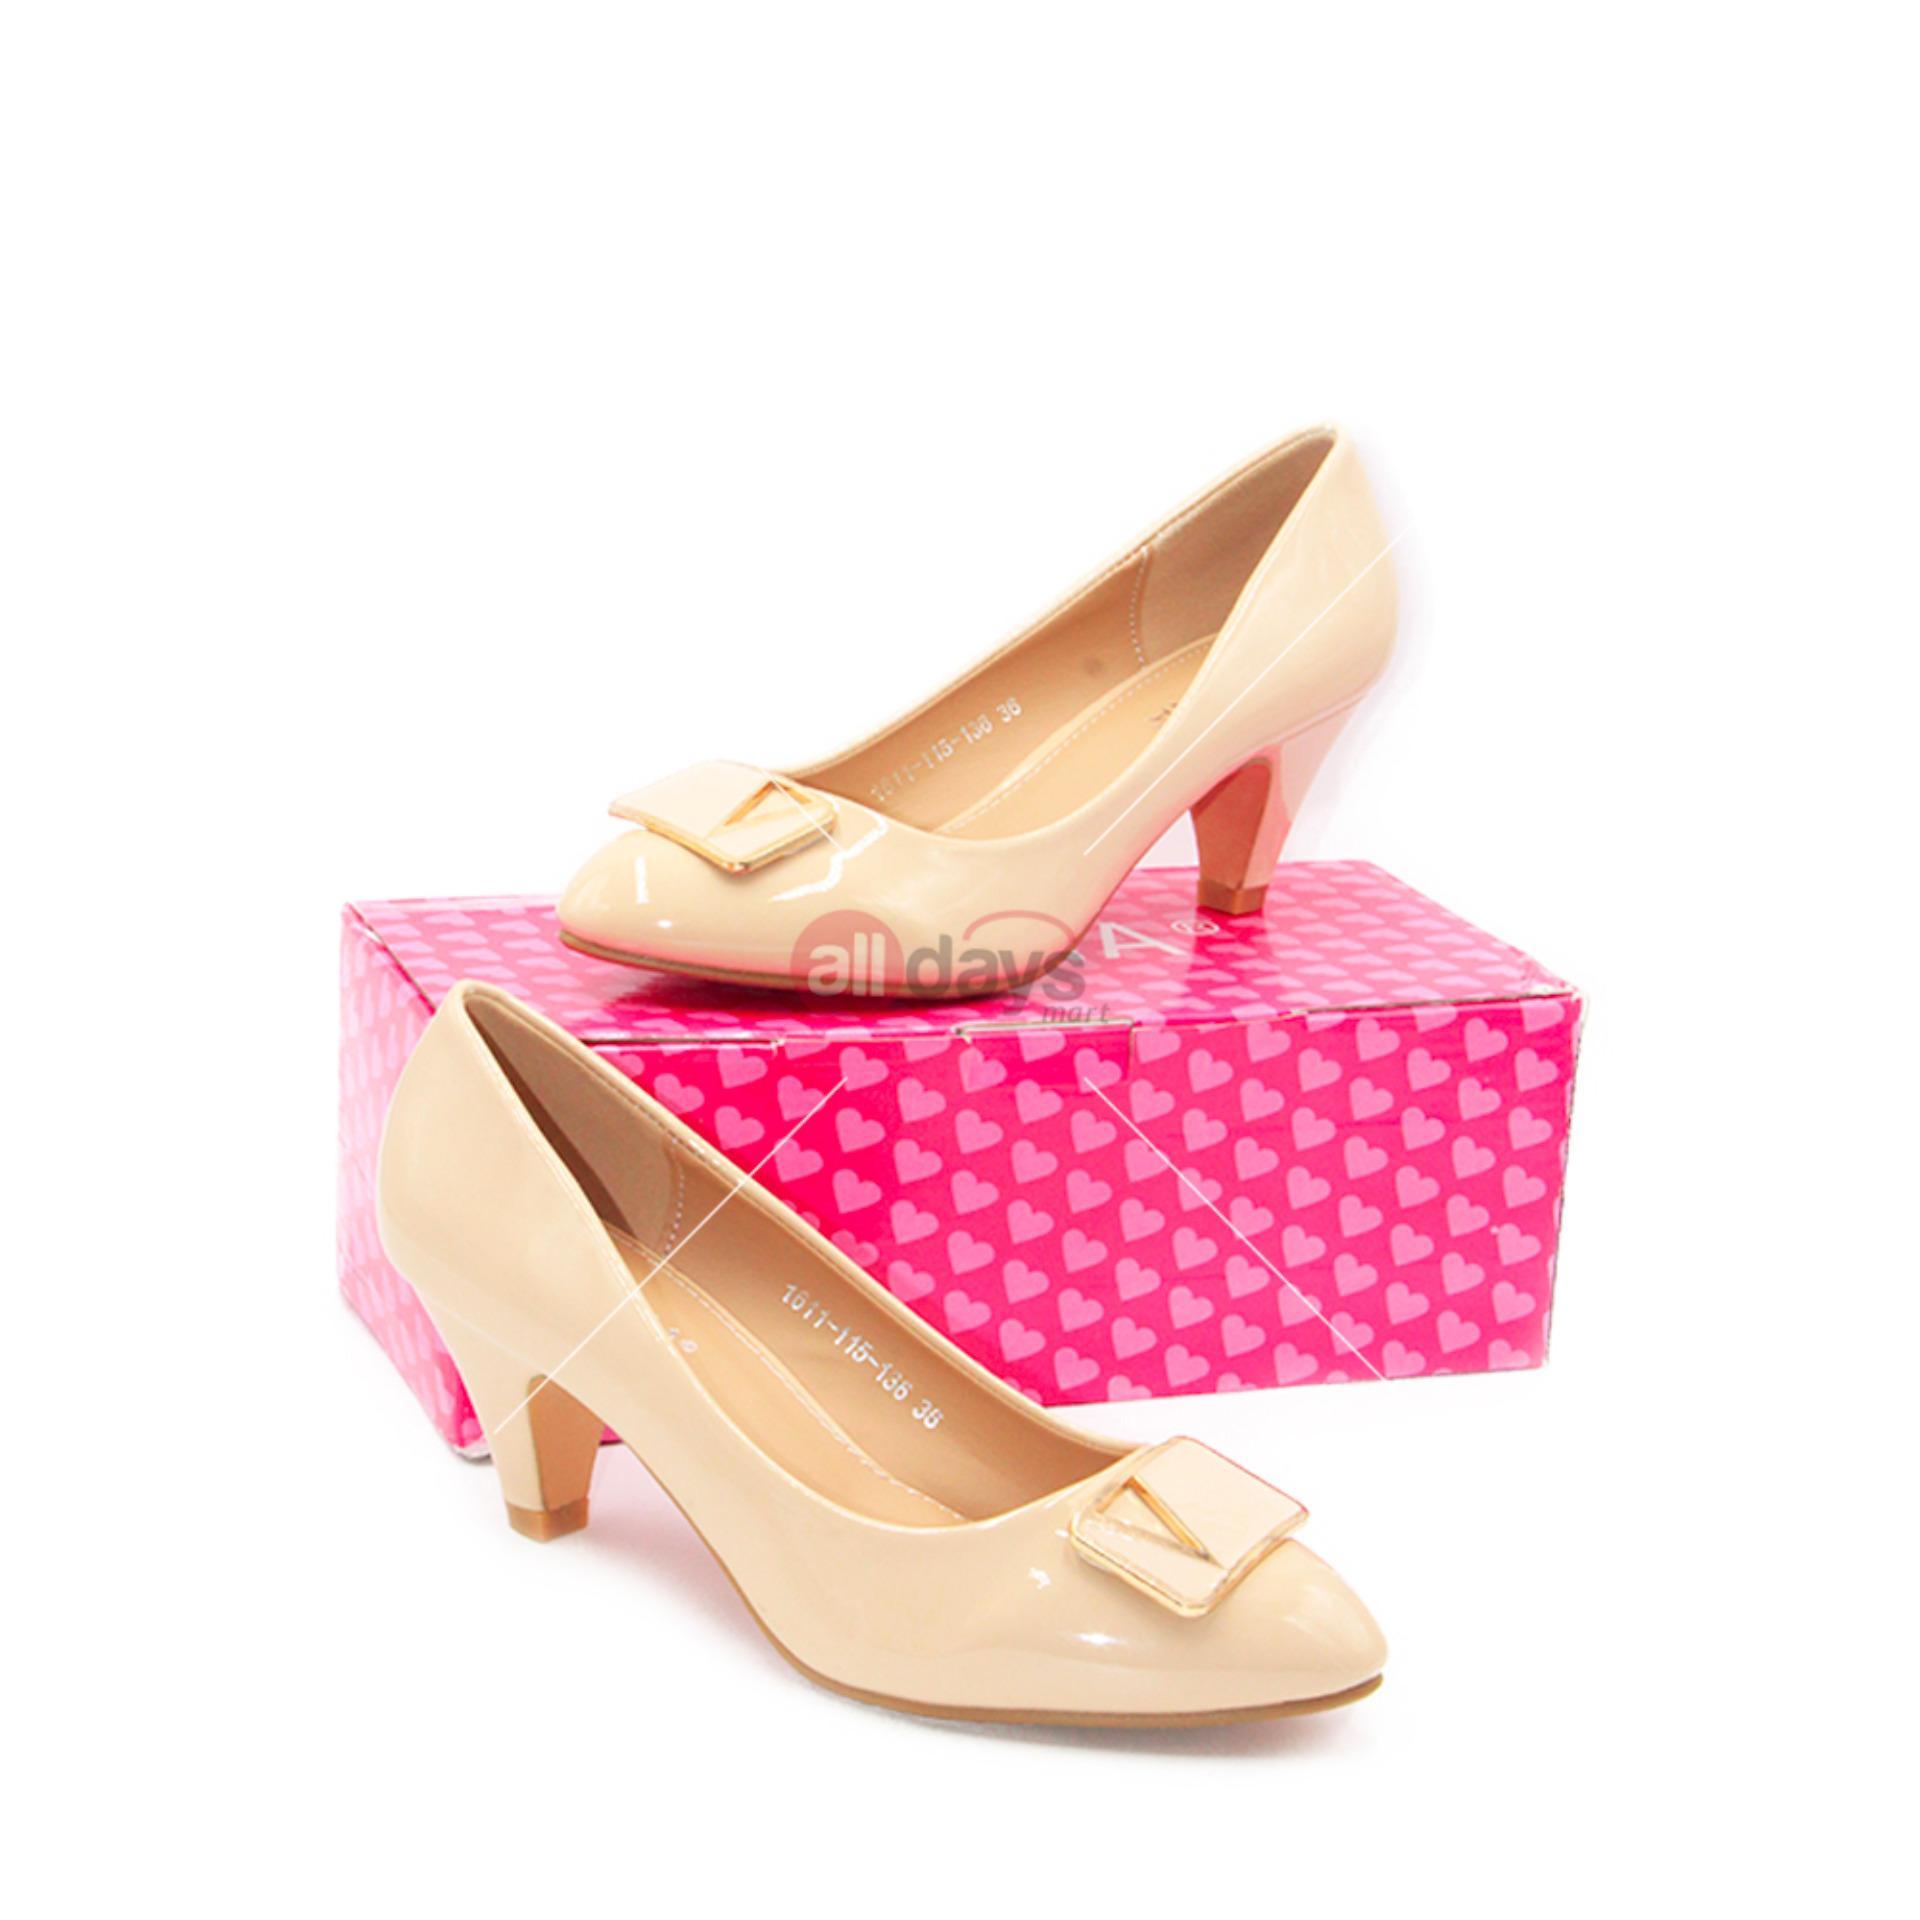 Cek Harga Baru Regina Sepatu Fantofel High Heels Wanita Hak 7 Cm 5 1611 115 168 D Red Alldaysmart 136 Beige Size 36 40